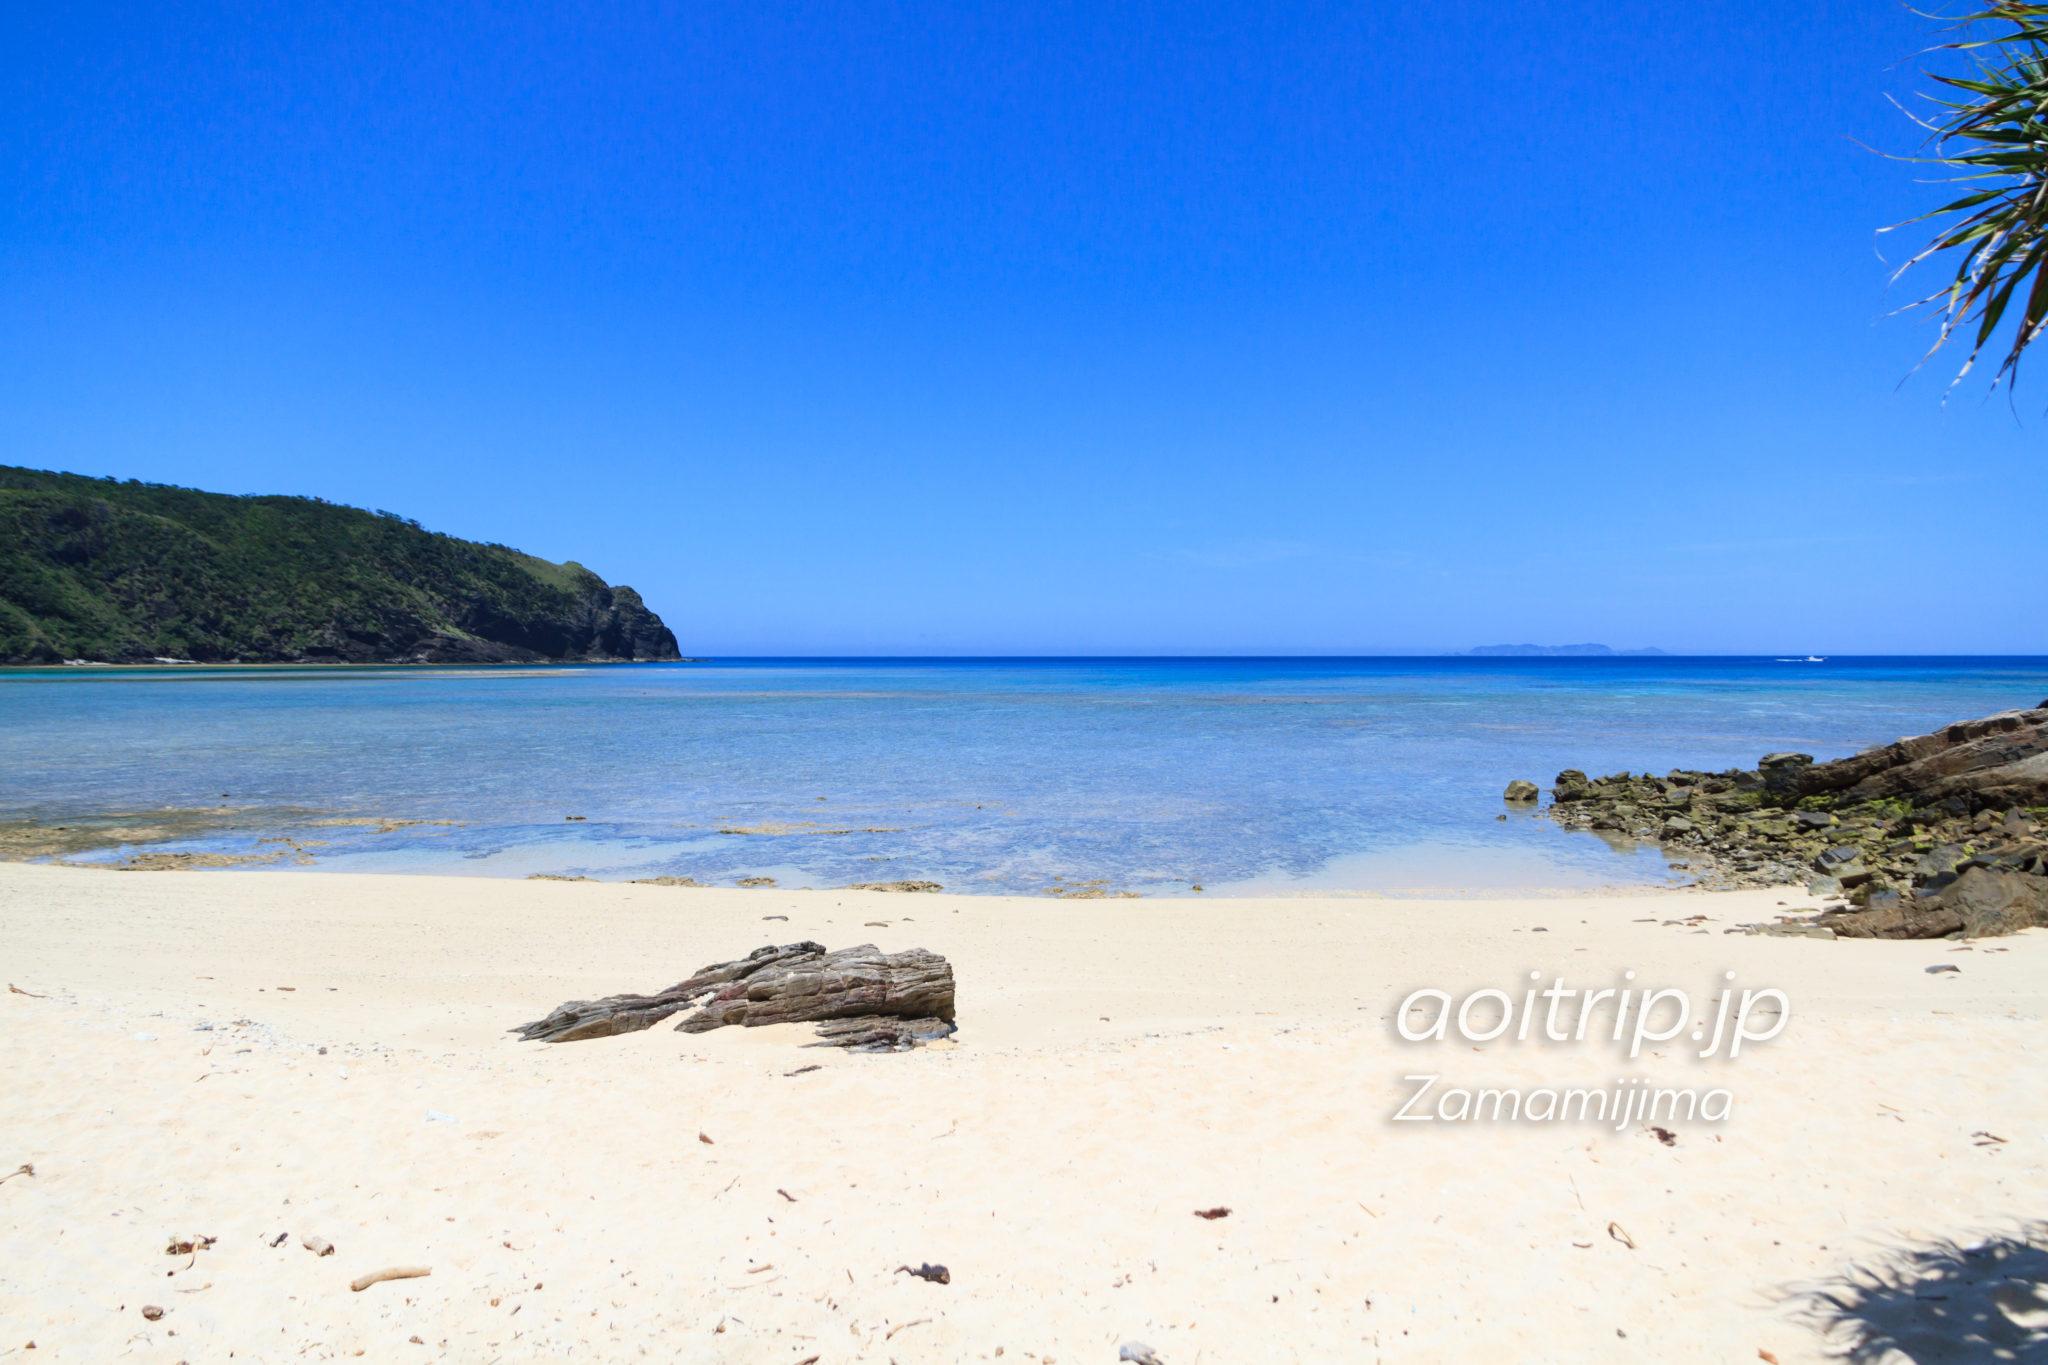 座間味島のユヒナの浜